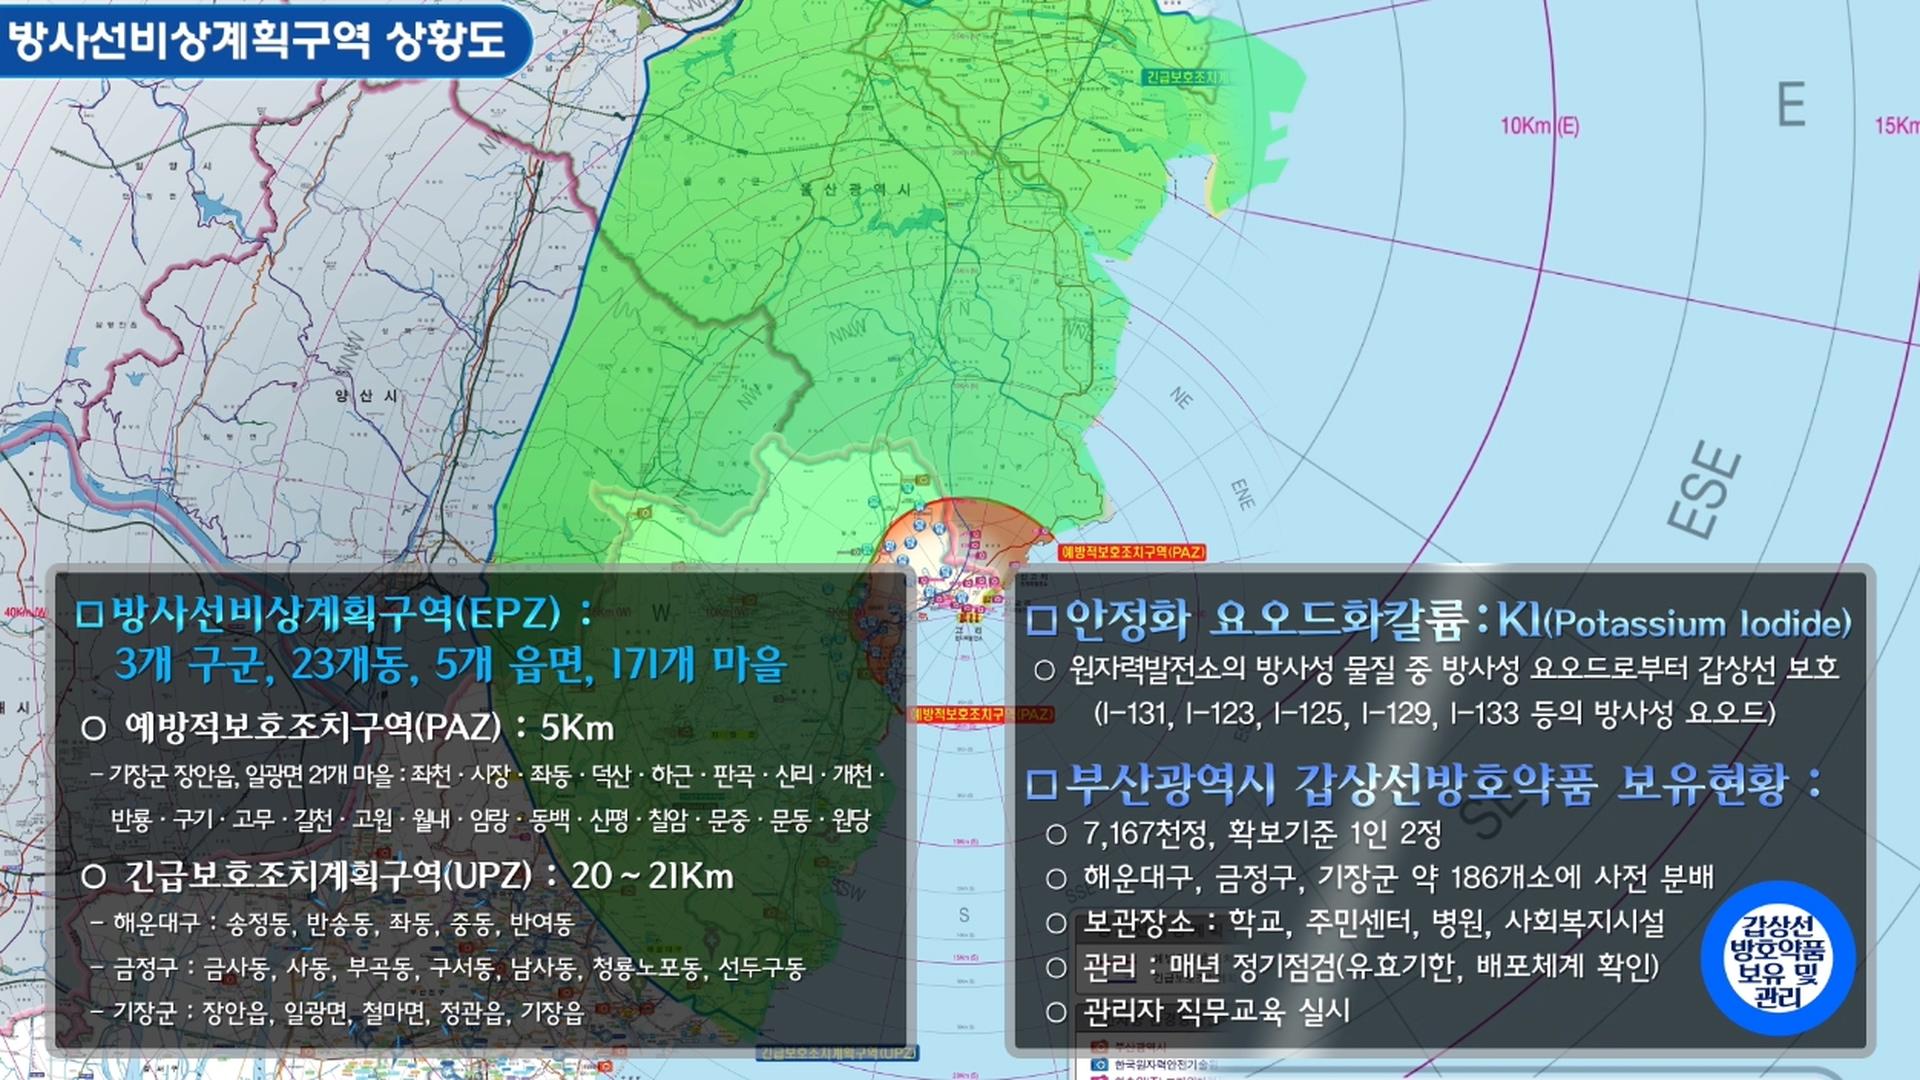 갑상선방호약품 교육영상주민국문.mp4_20180512_172834.623.jpg